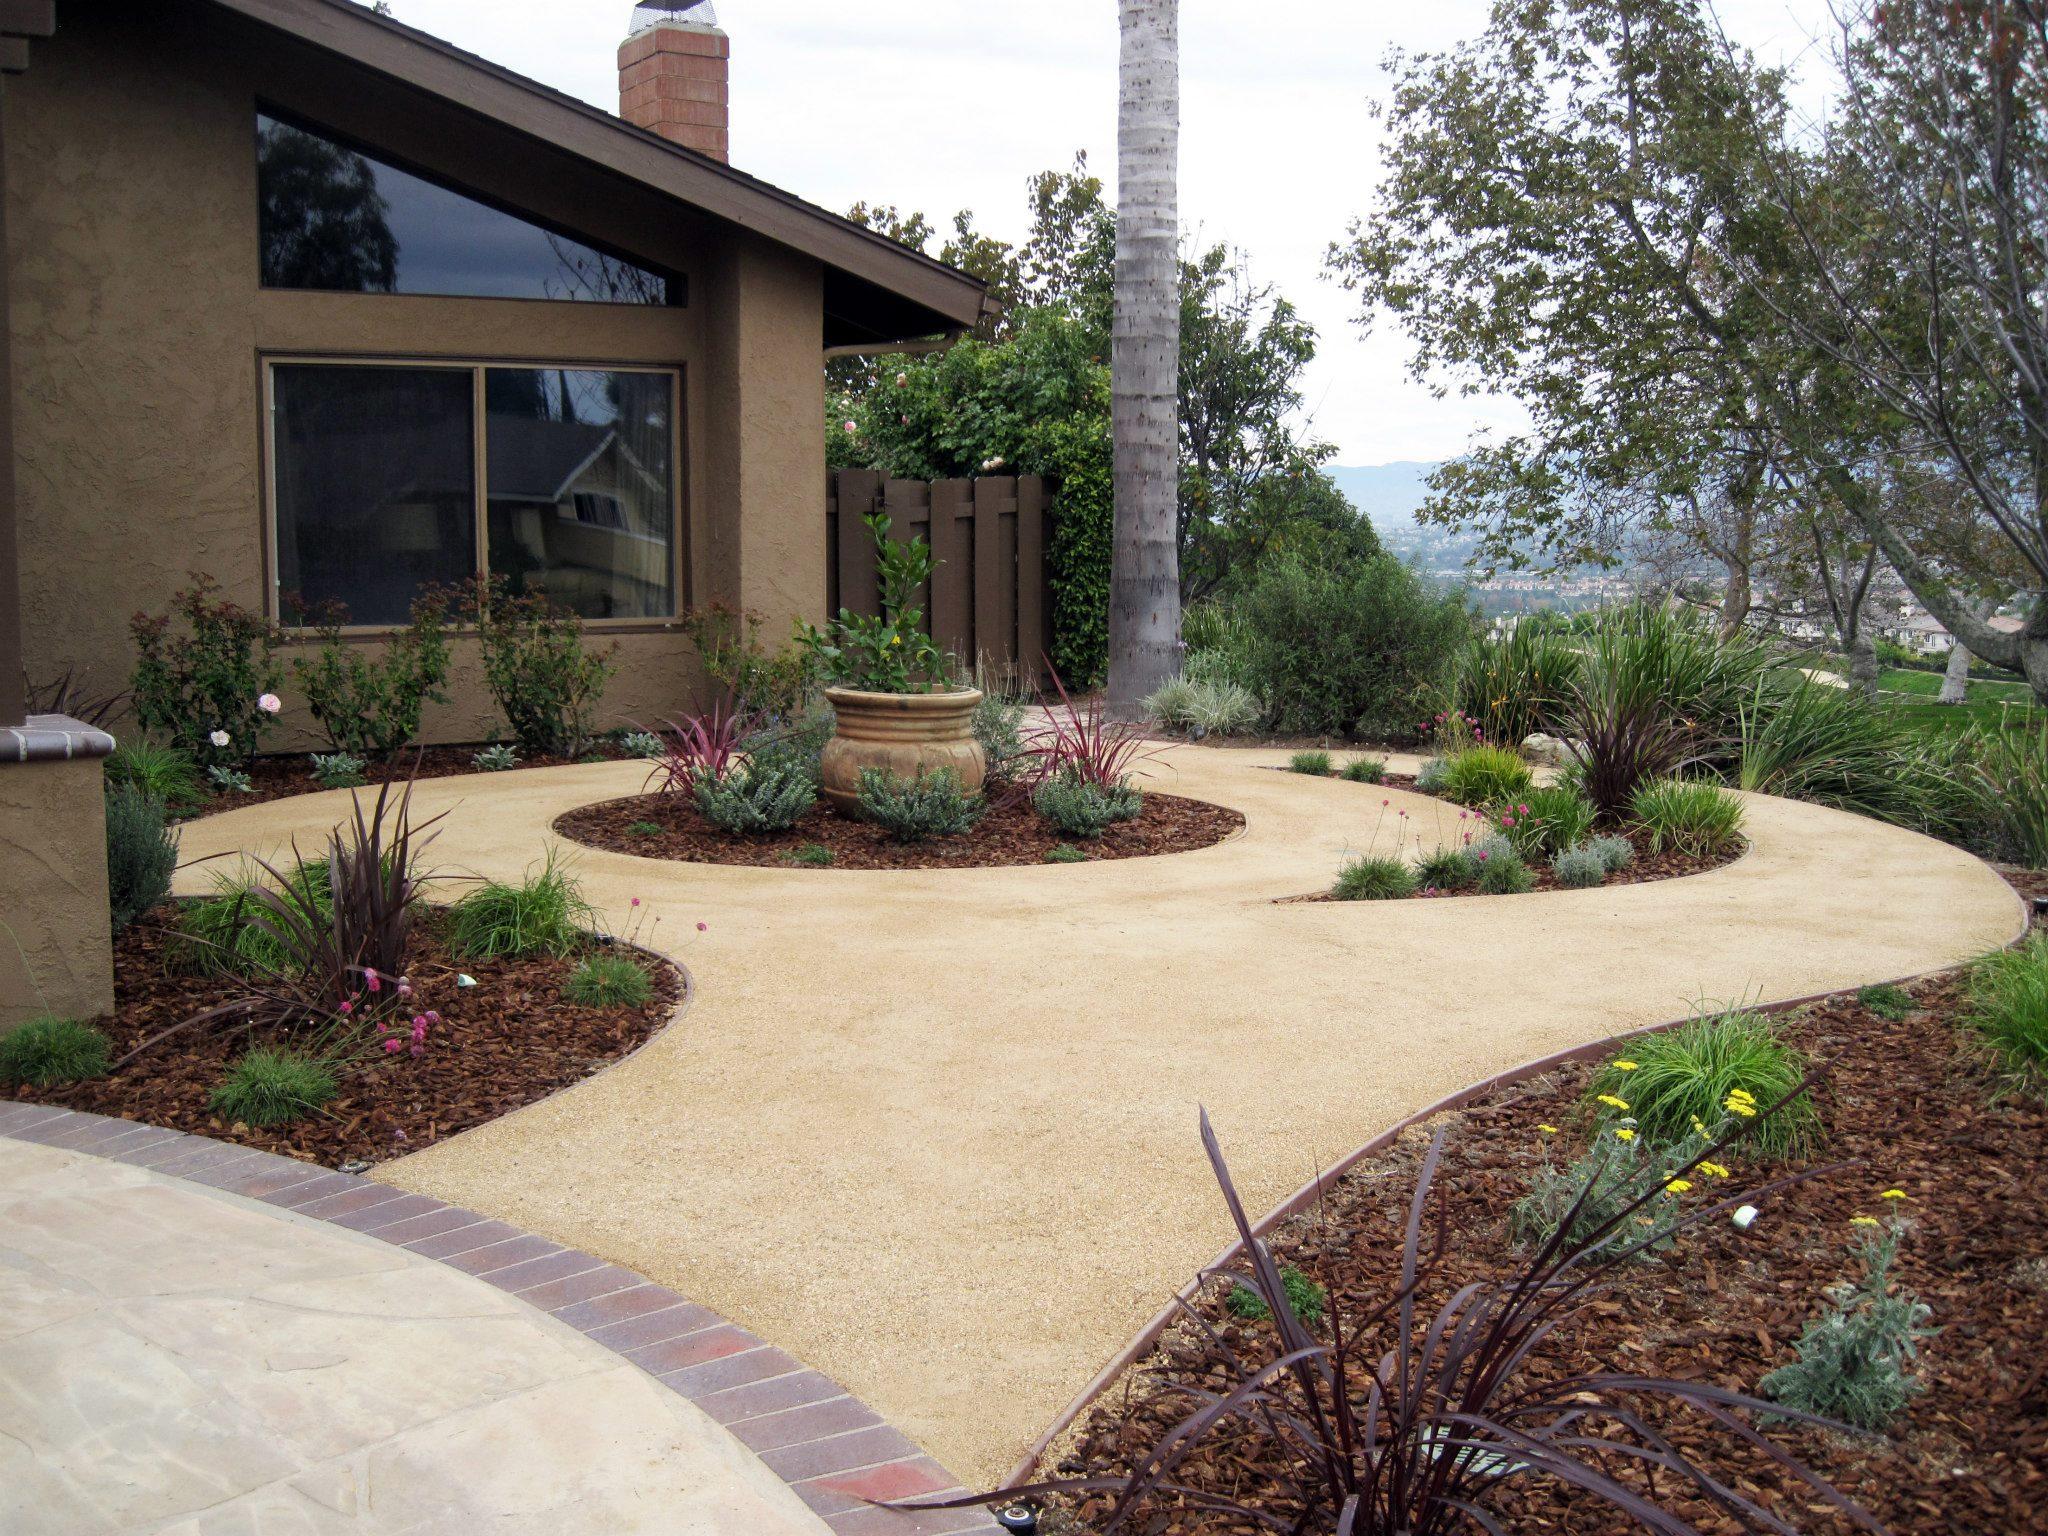 local expert armstrong garden centers san go ca